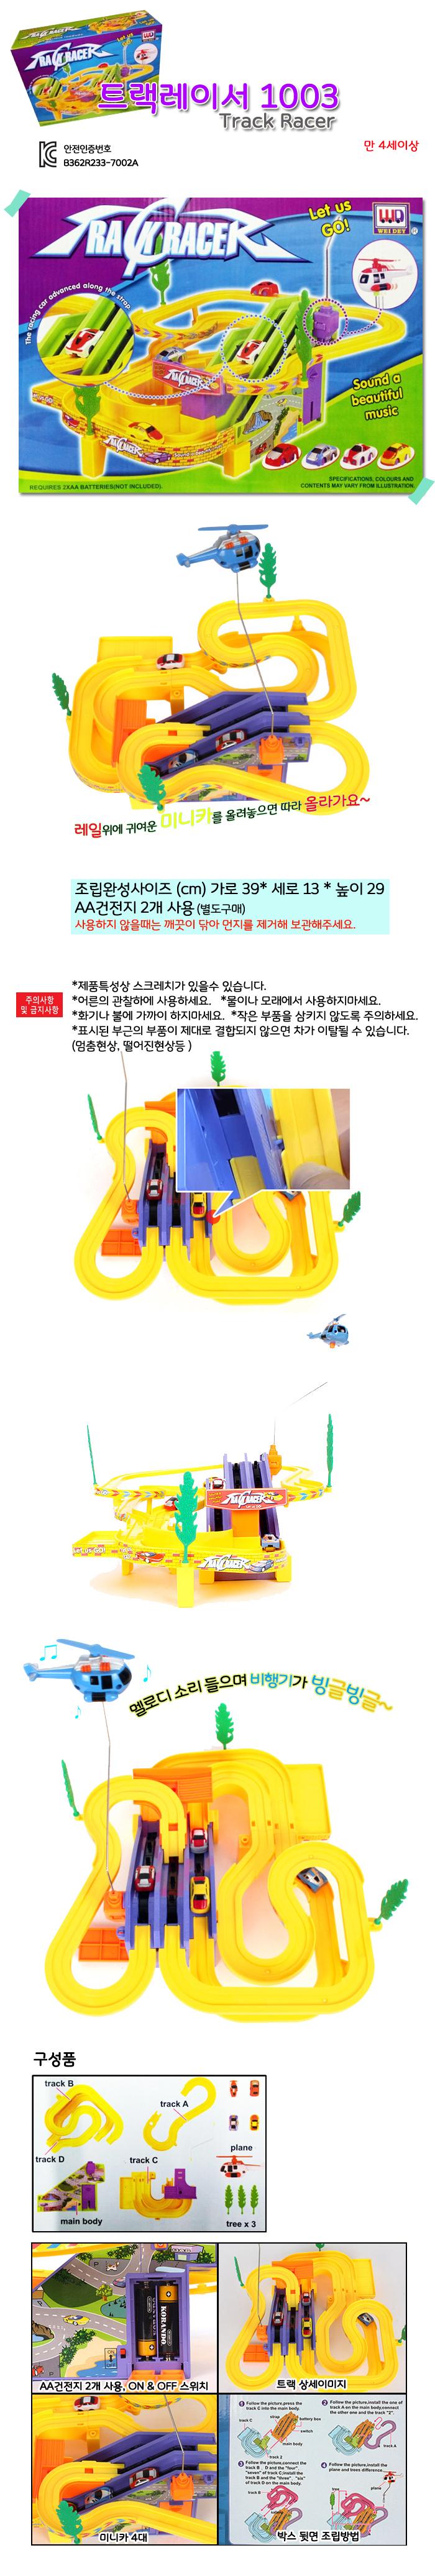 트랙레이서 레일카 100318,400원-토이비젼키즈/베이비, 유아완구/교구, 놀이용품, 장난감바보사랑트랙레이서 레일카 100318,400원-토이비젼키즈/베이비, 유아완구/교구, 놀이용품, 장난감바보사랑